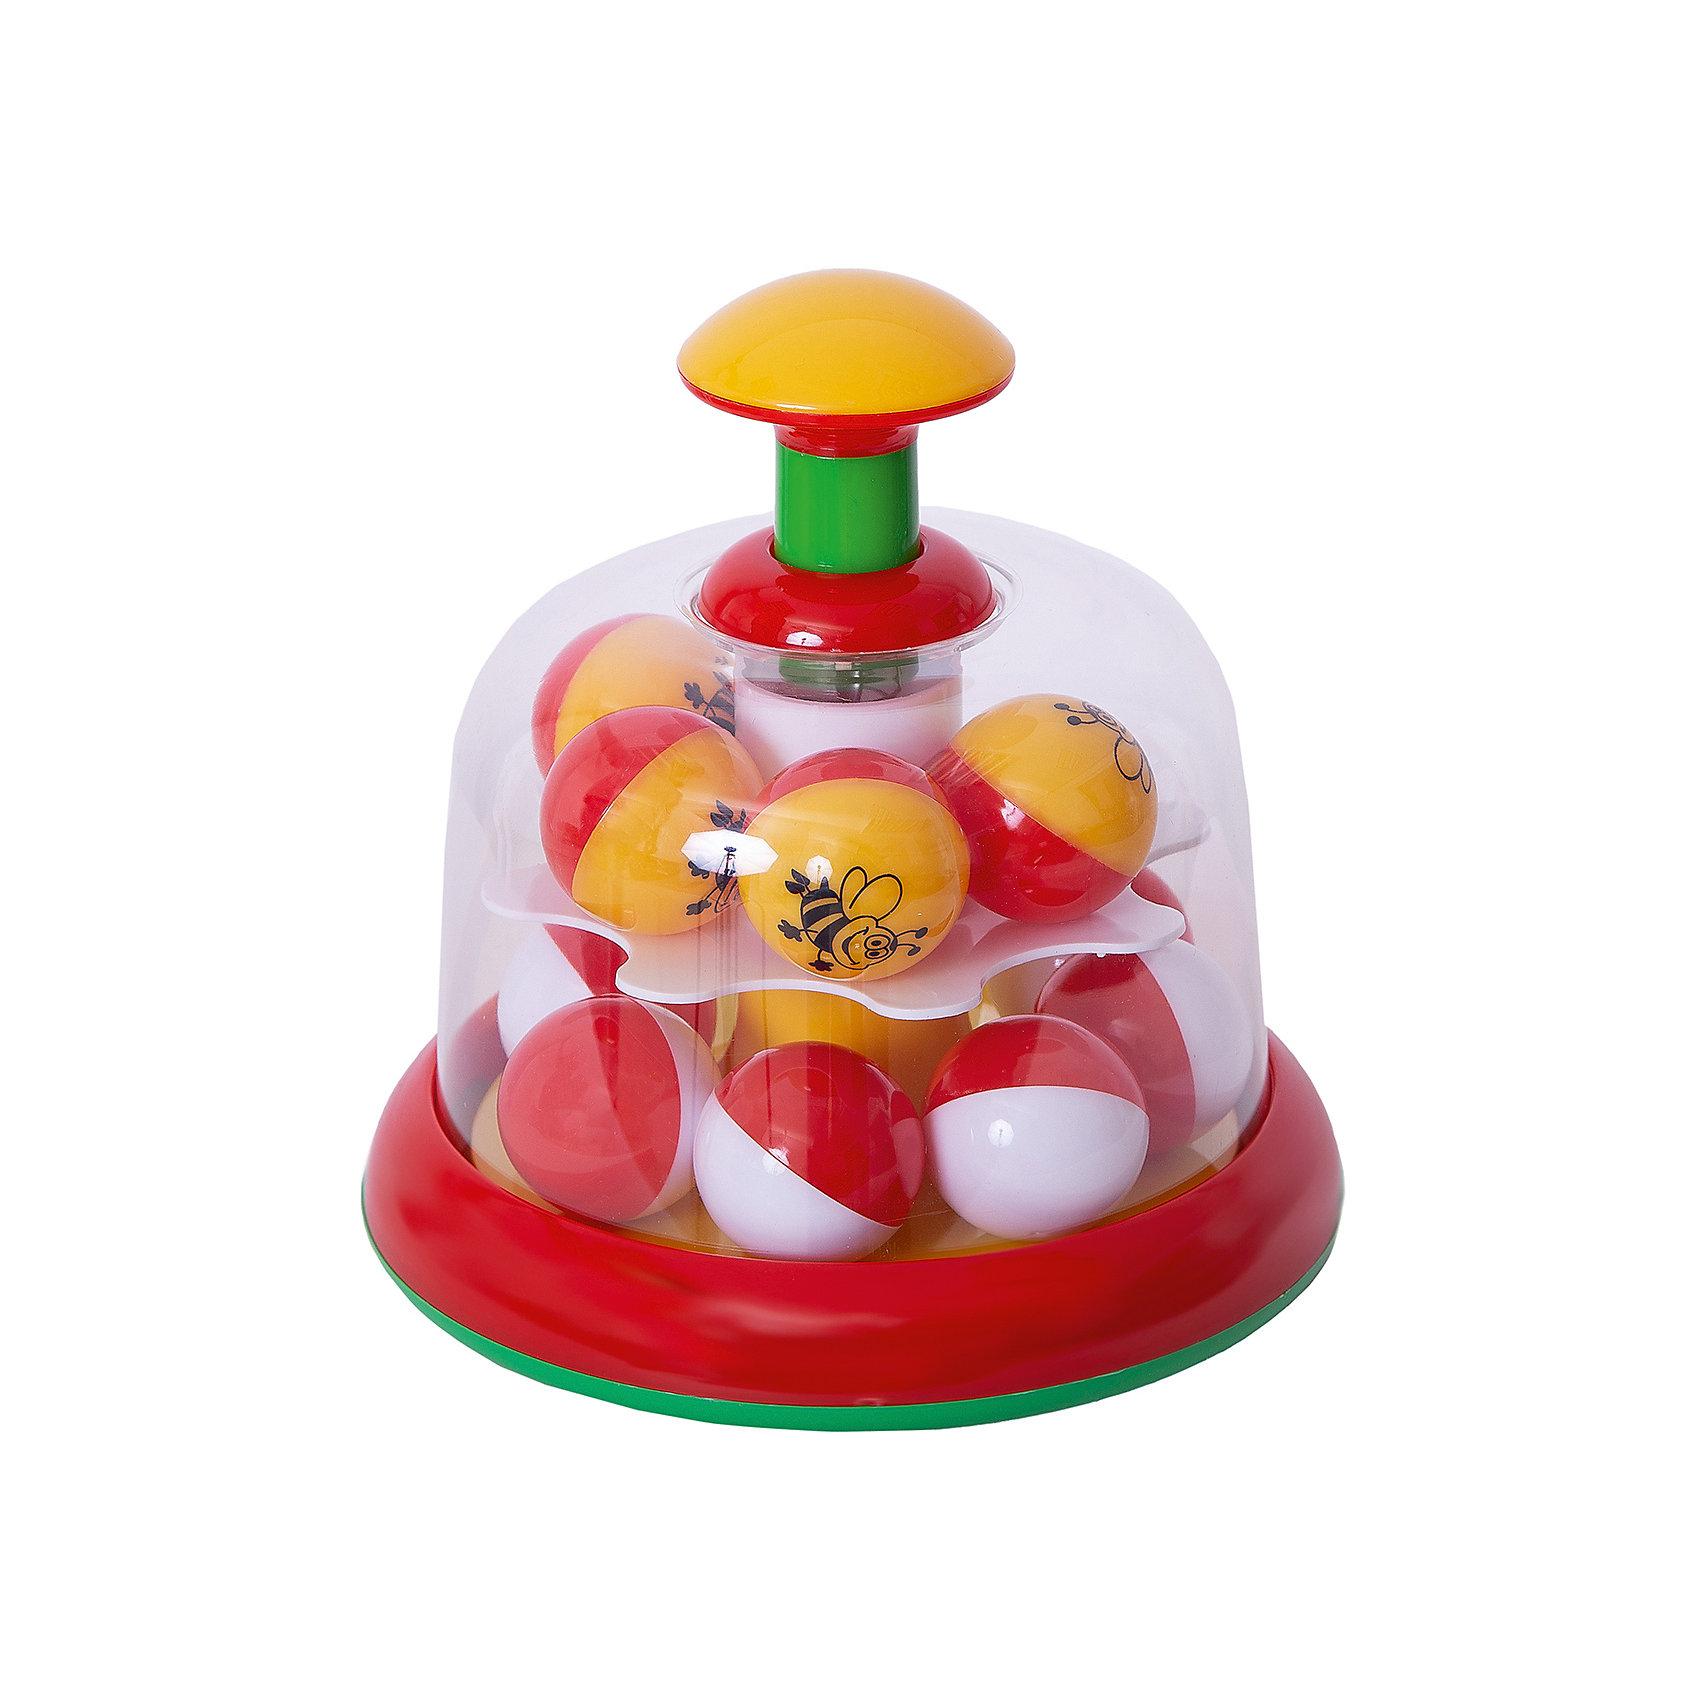 Юла-карусель с шариками, StellarЮлы<br>Характеристики товара:<br><br>- цвет: разноцветный;<br>- материал: пластик;<br>- для самых маленьких.<br><br>Детская развивающая игрушка в виде яркой юлы – отличный подарок для ребенка. В процессе игры с ней ребенок развивает моторику, тактильное восприятие, воображение, внимание и координацию движений, осваивает причинно-следственные связи. Игрушка издает при вращении приятный звук. Эта юла сделана специально для маленьких ручек ребёнка. <br>Такая игрушка позволит малышу с детства развивать свои способности. Изделие произведено из качественных материалов, безопасных для ребенка.<br><br>Юлу-карусель с шариками от бренда Stellar можно купить в нашем интернет-магазине.<br><br>Ширина мм: 170<br>Глубина мм: 170<br>Высота мм: 350<br>Вес г: 390<br>Возраст от месяцев: 12<br>Возраст до месяцев: 2147483647<br>Пол: Унисекс<br>Возраст: Детский<br>SKU: 5079970